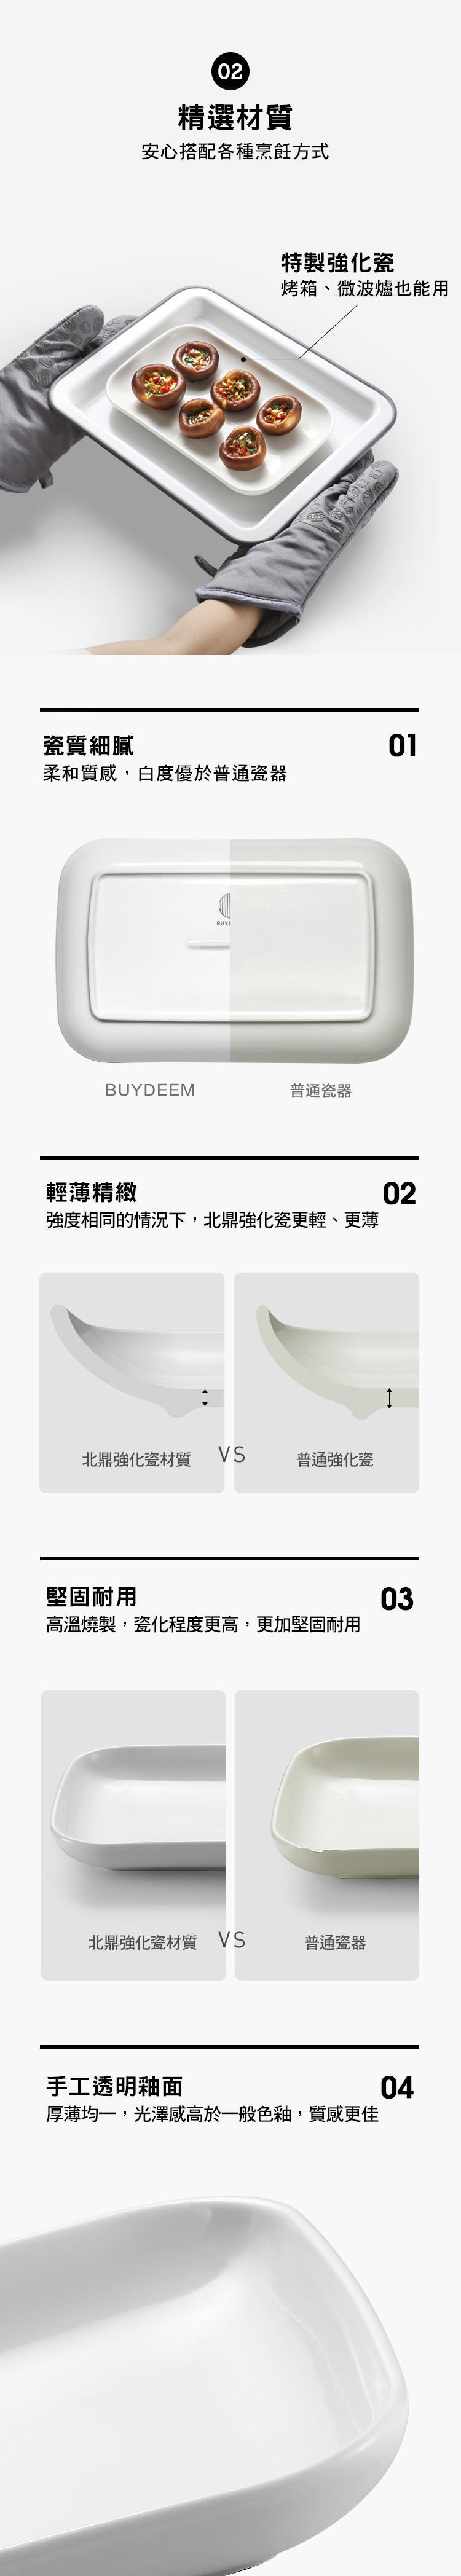 BUYDEEM北鼎方型瓷盤_產品介紹3_多功能蒸燉鍋同款尺寸